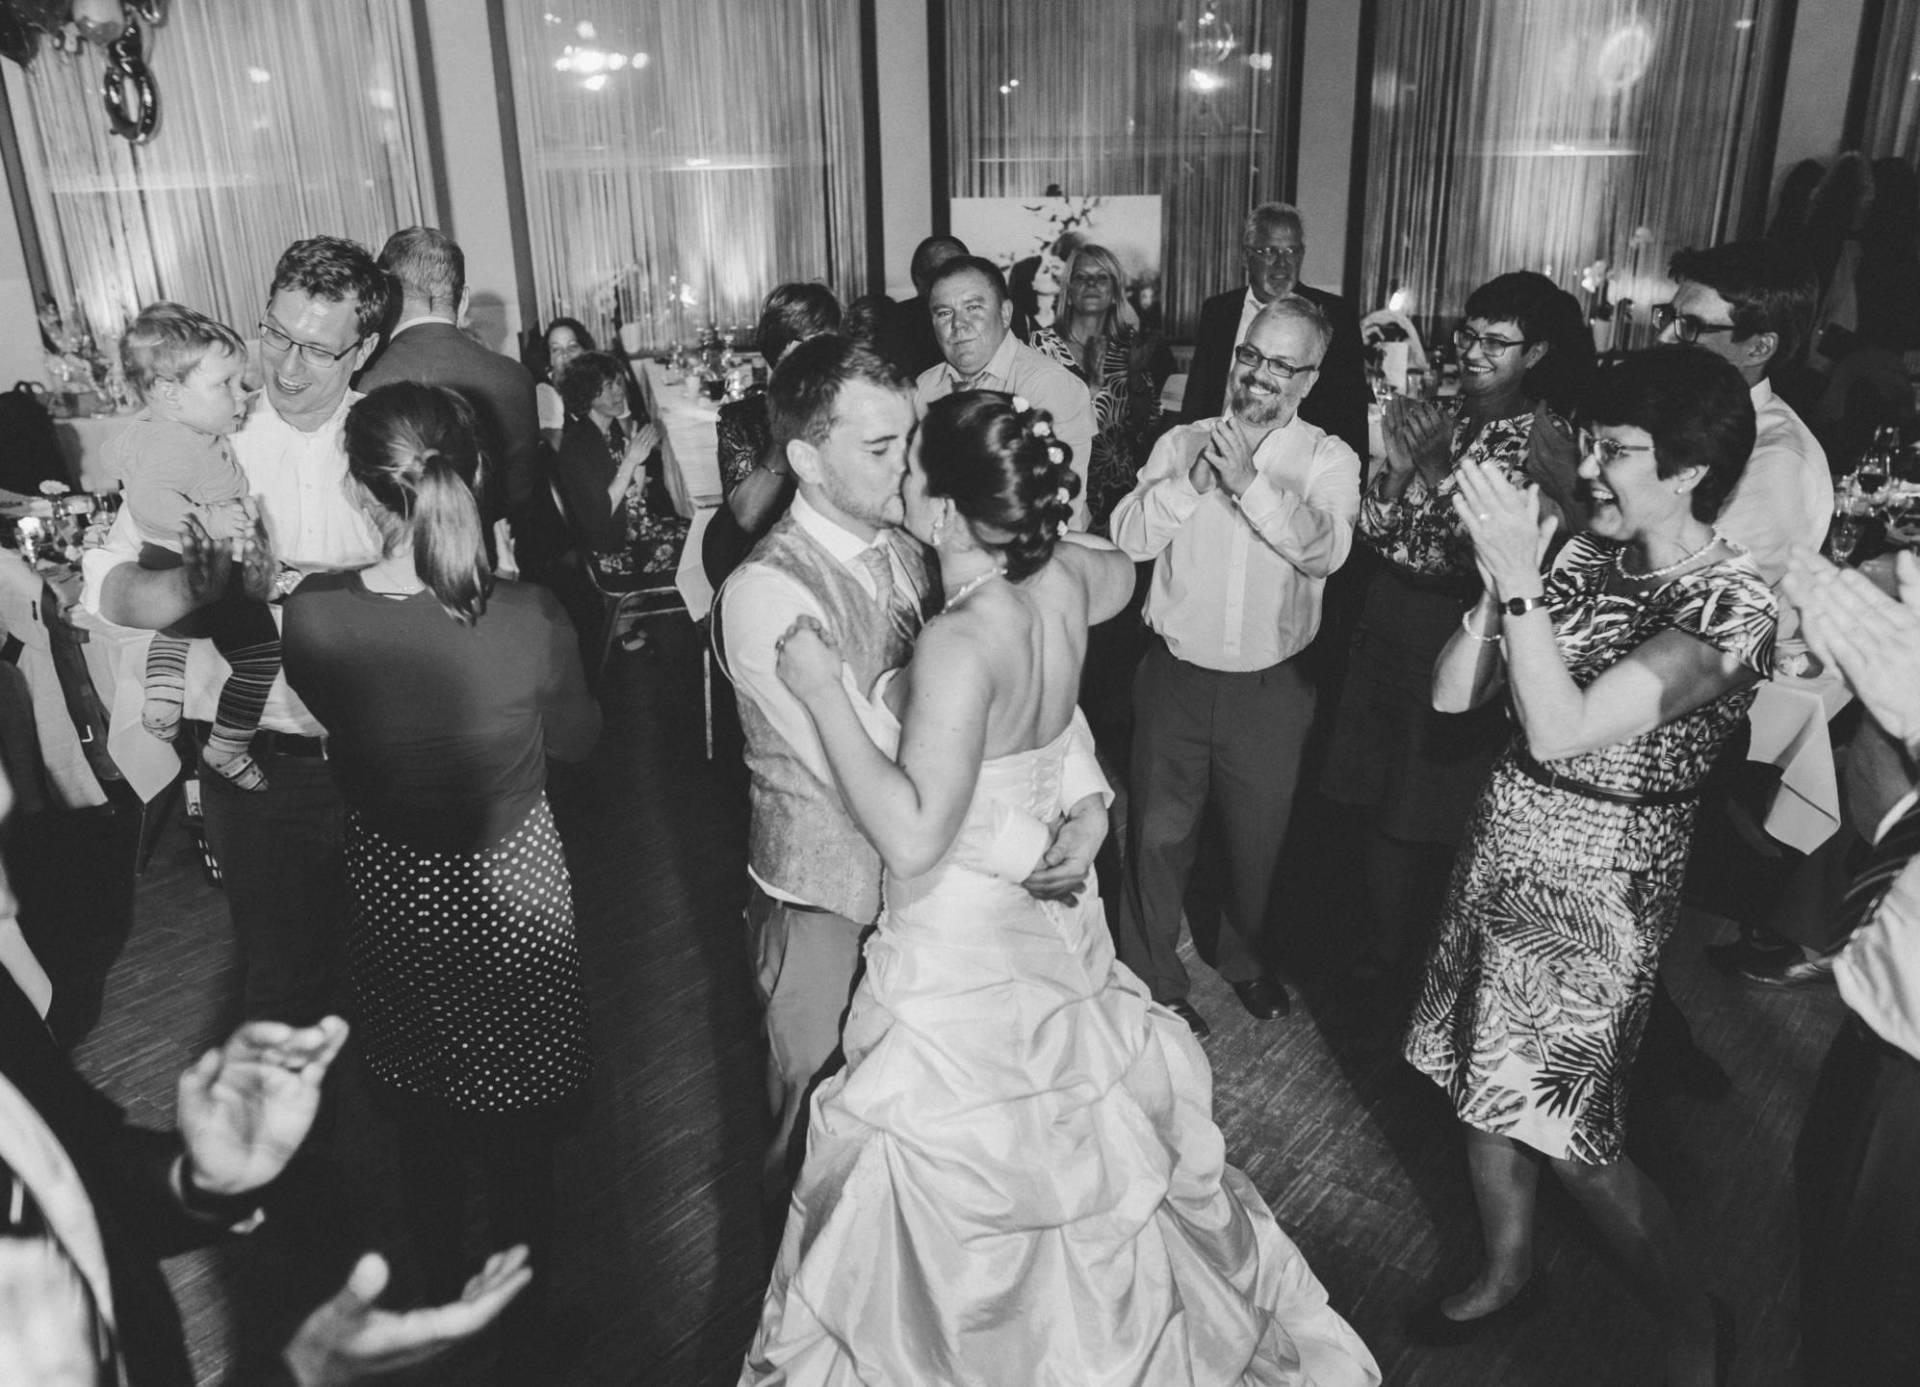 Hochzeitsreportage | Hochzeit im Paradies Jena | 47